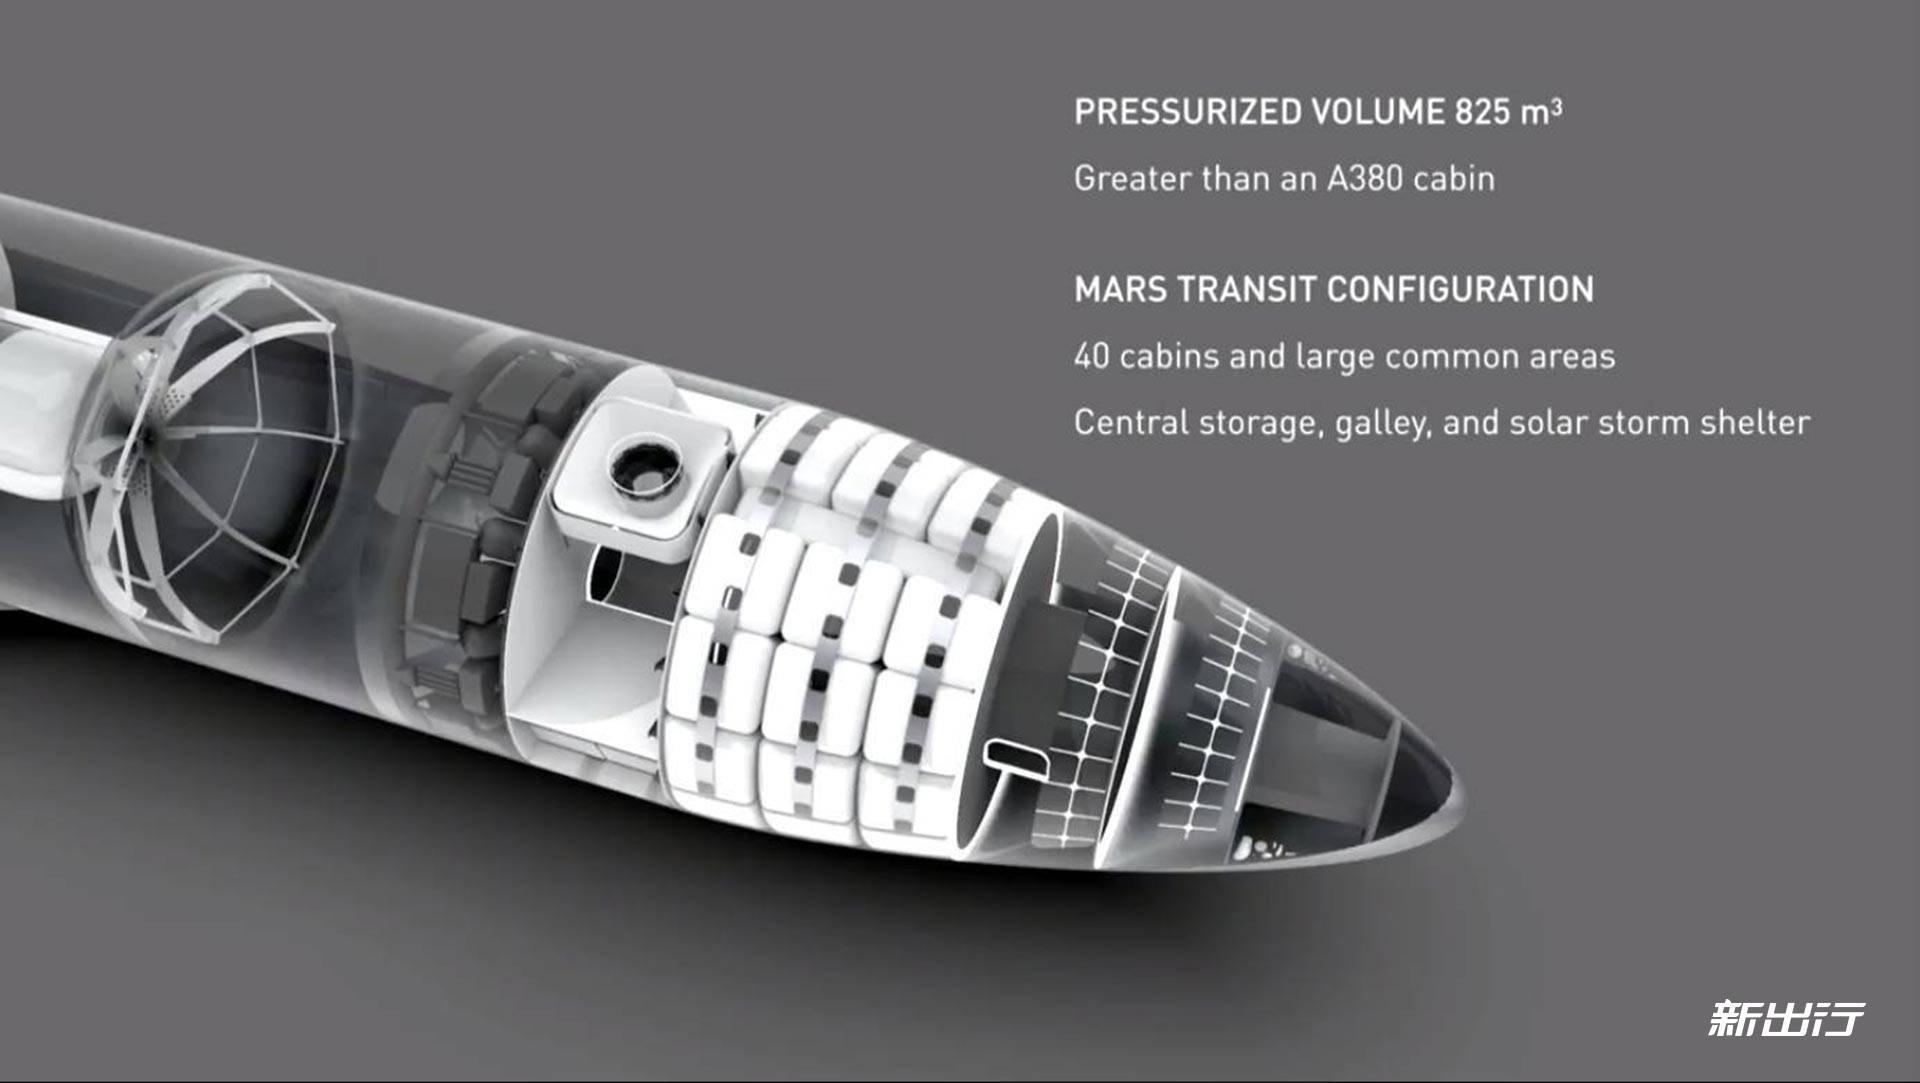 spacex星际飞船和火箭区别图片